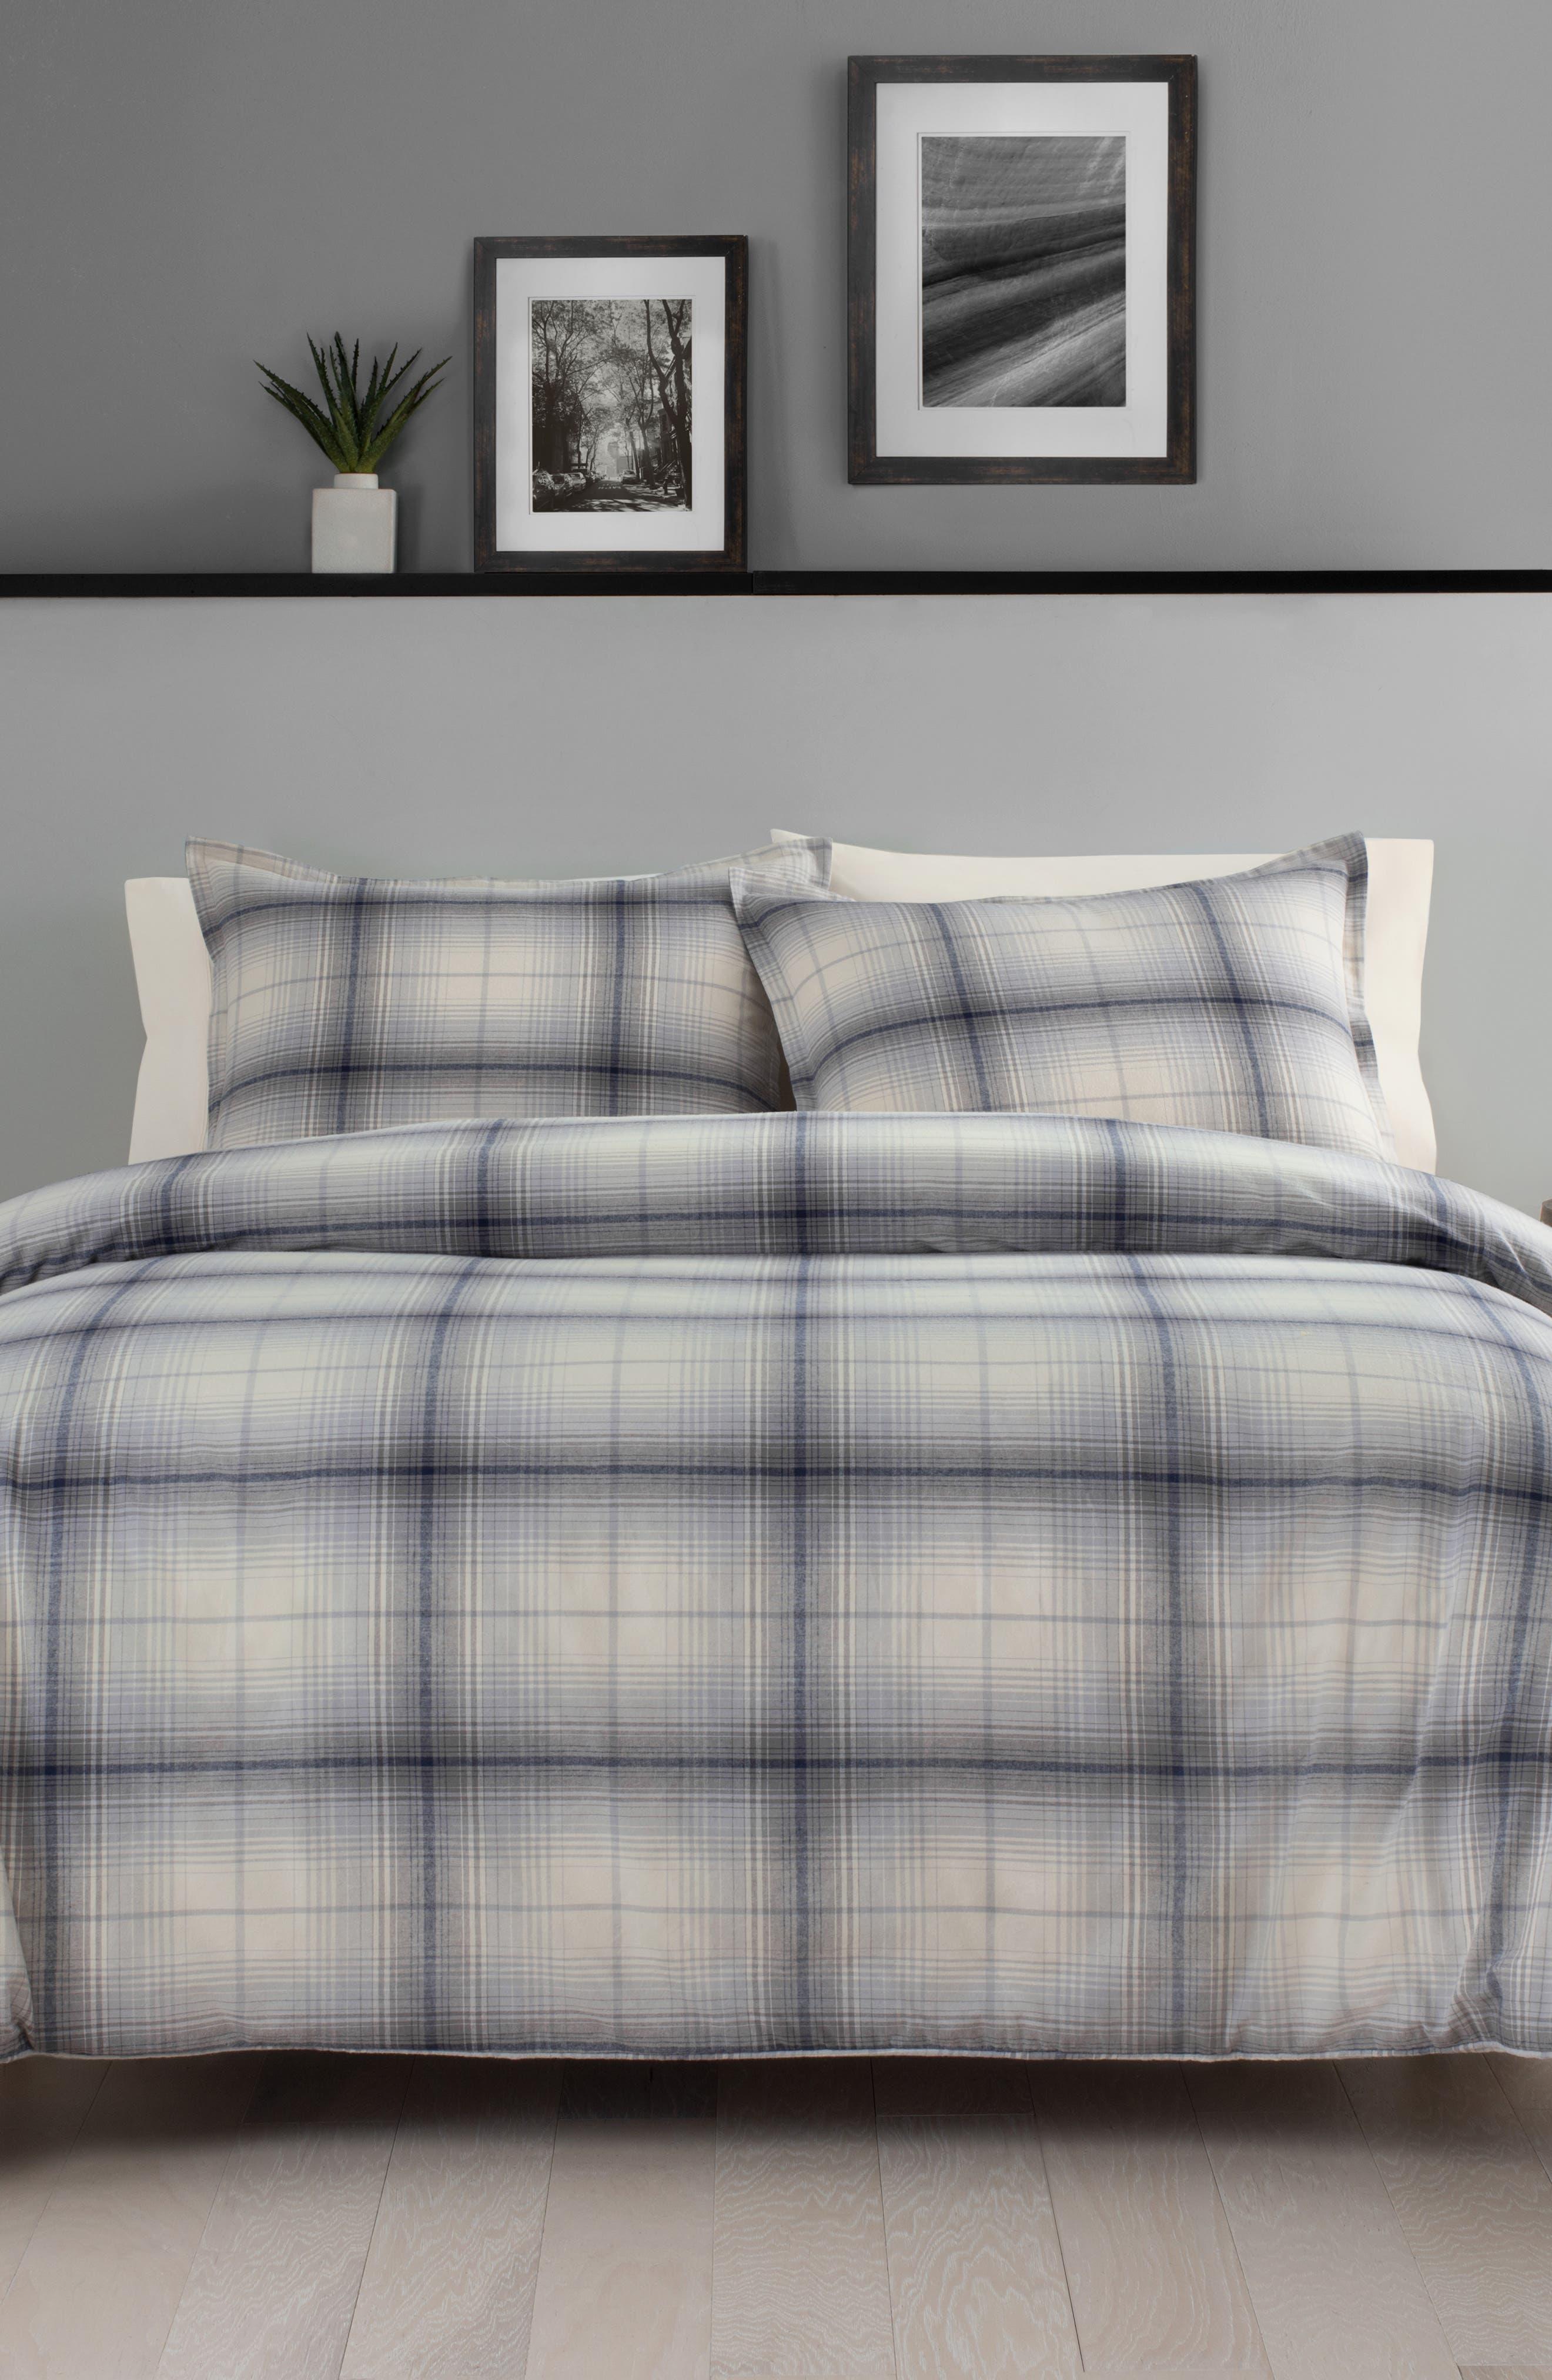 Porter Plaid Comforter & Sham Set, Main, color, GREY